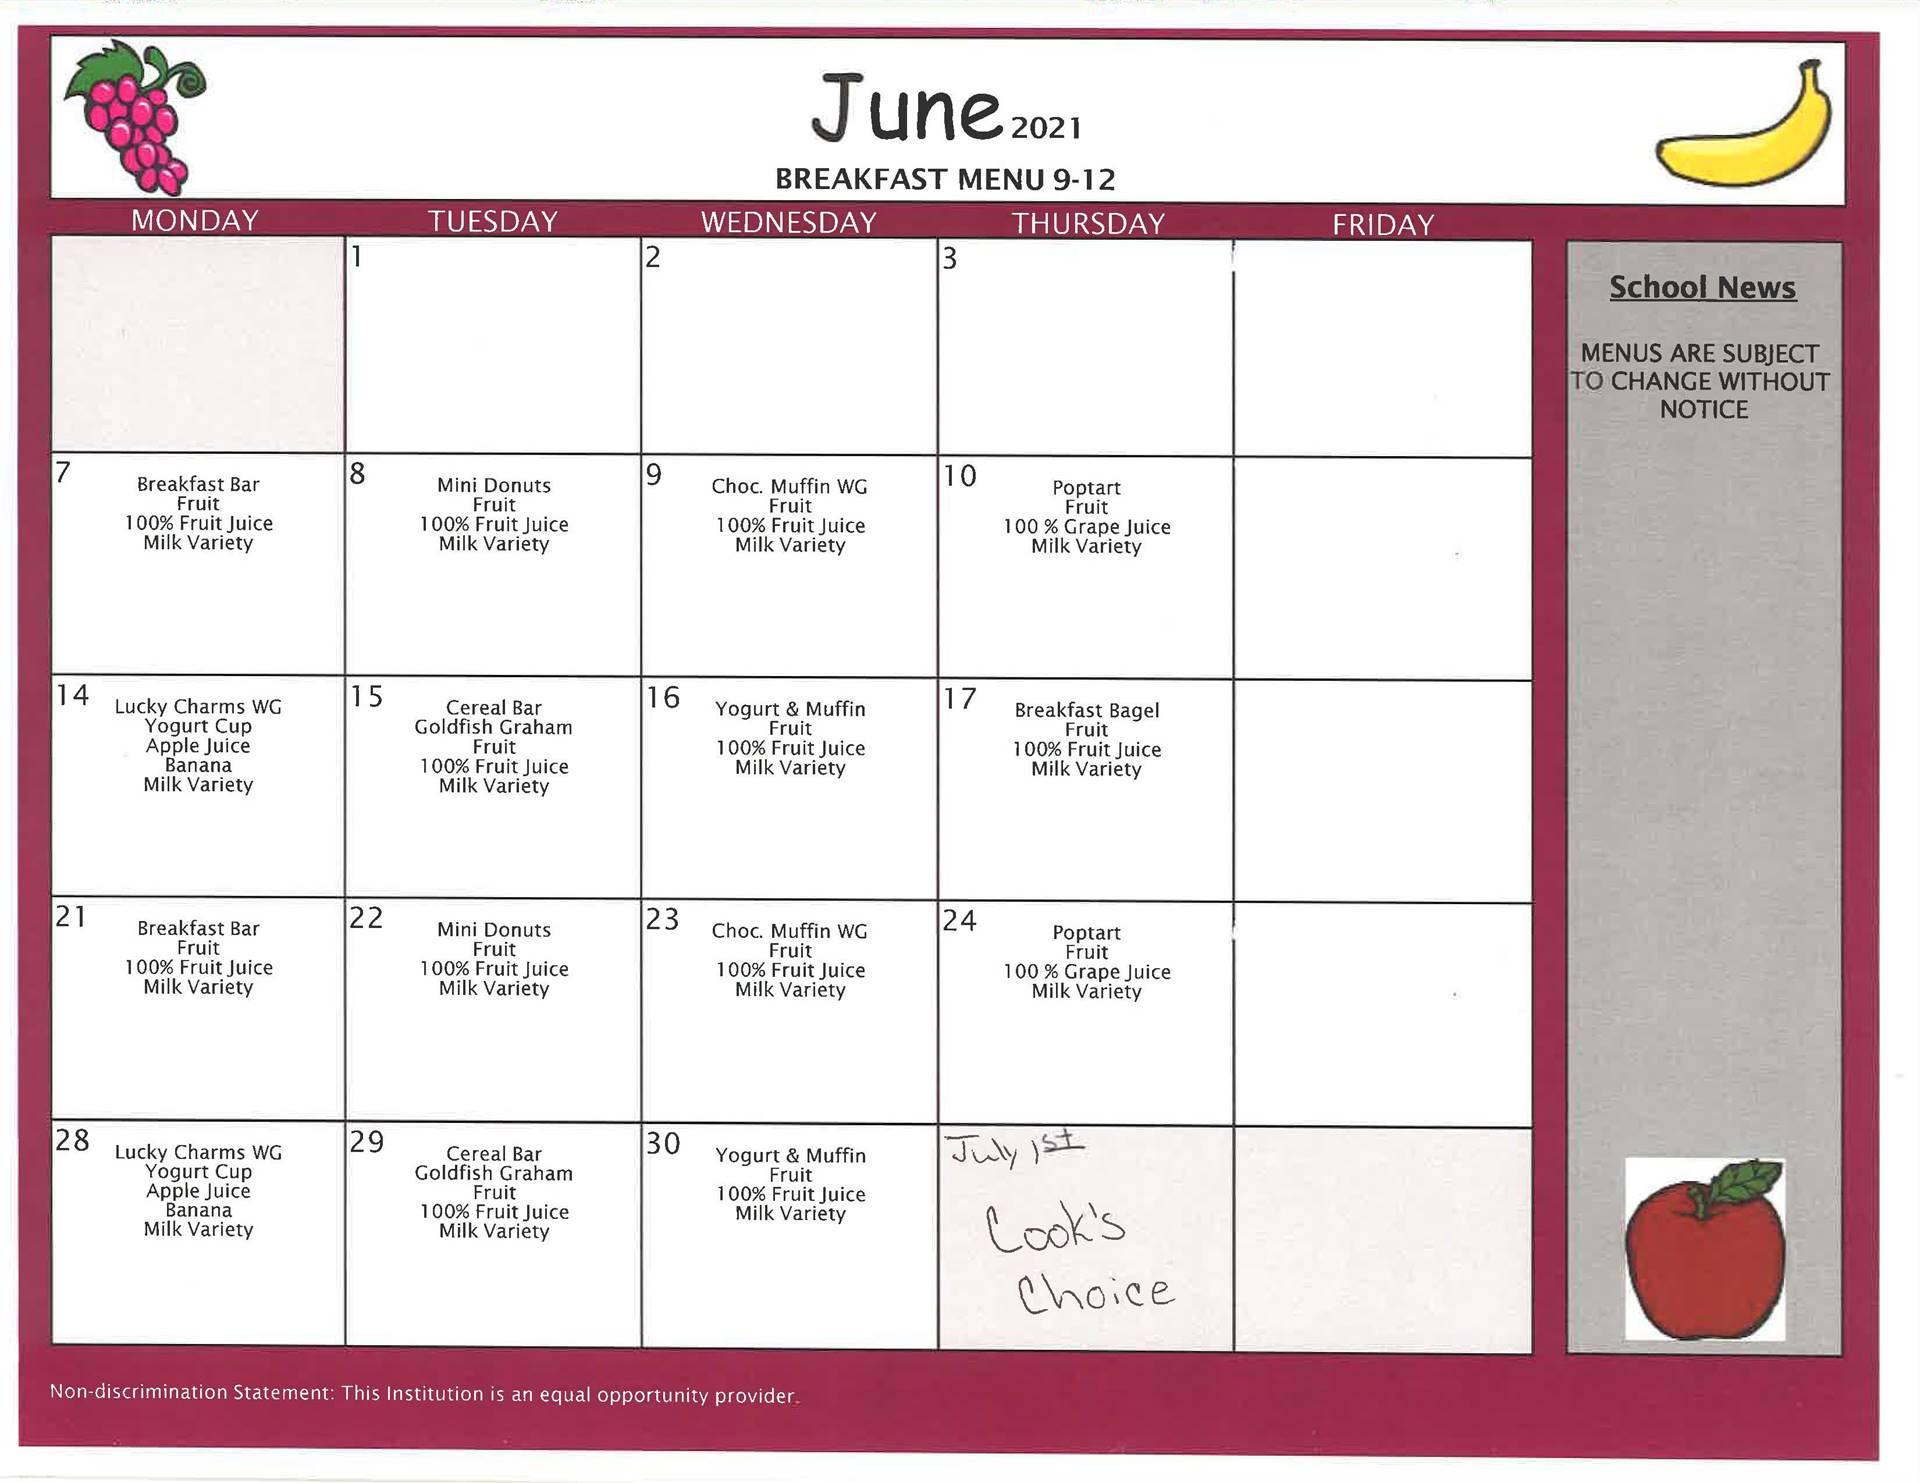 June High School Breakfast - Summer School/Summer Feeding Program